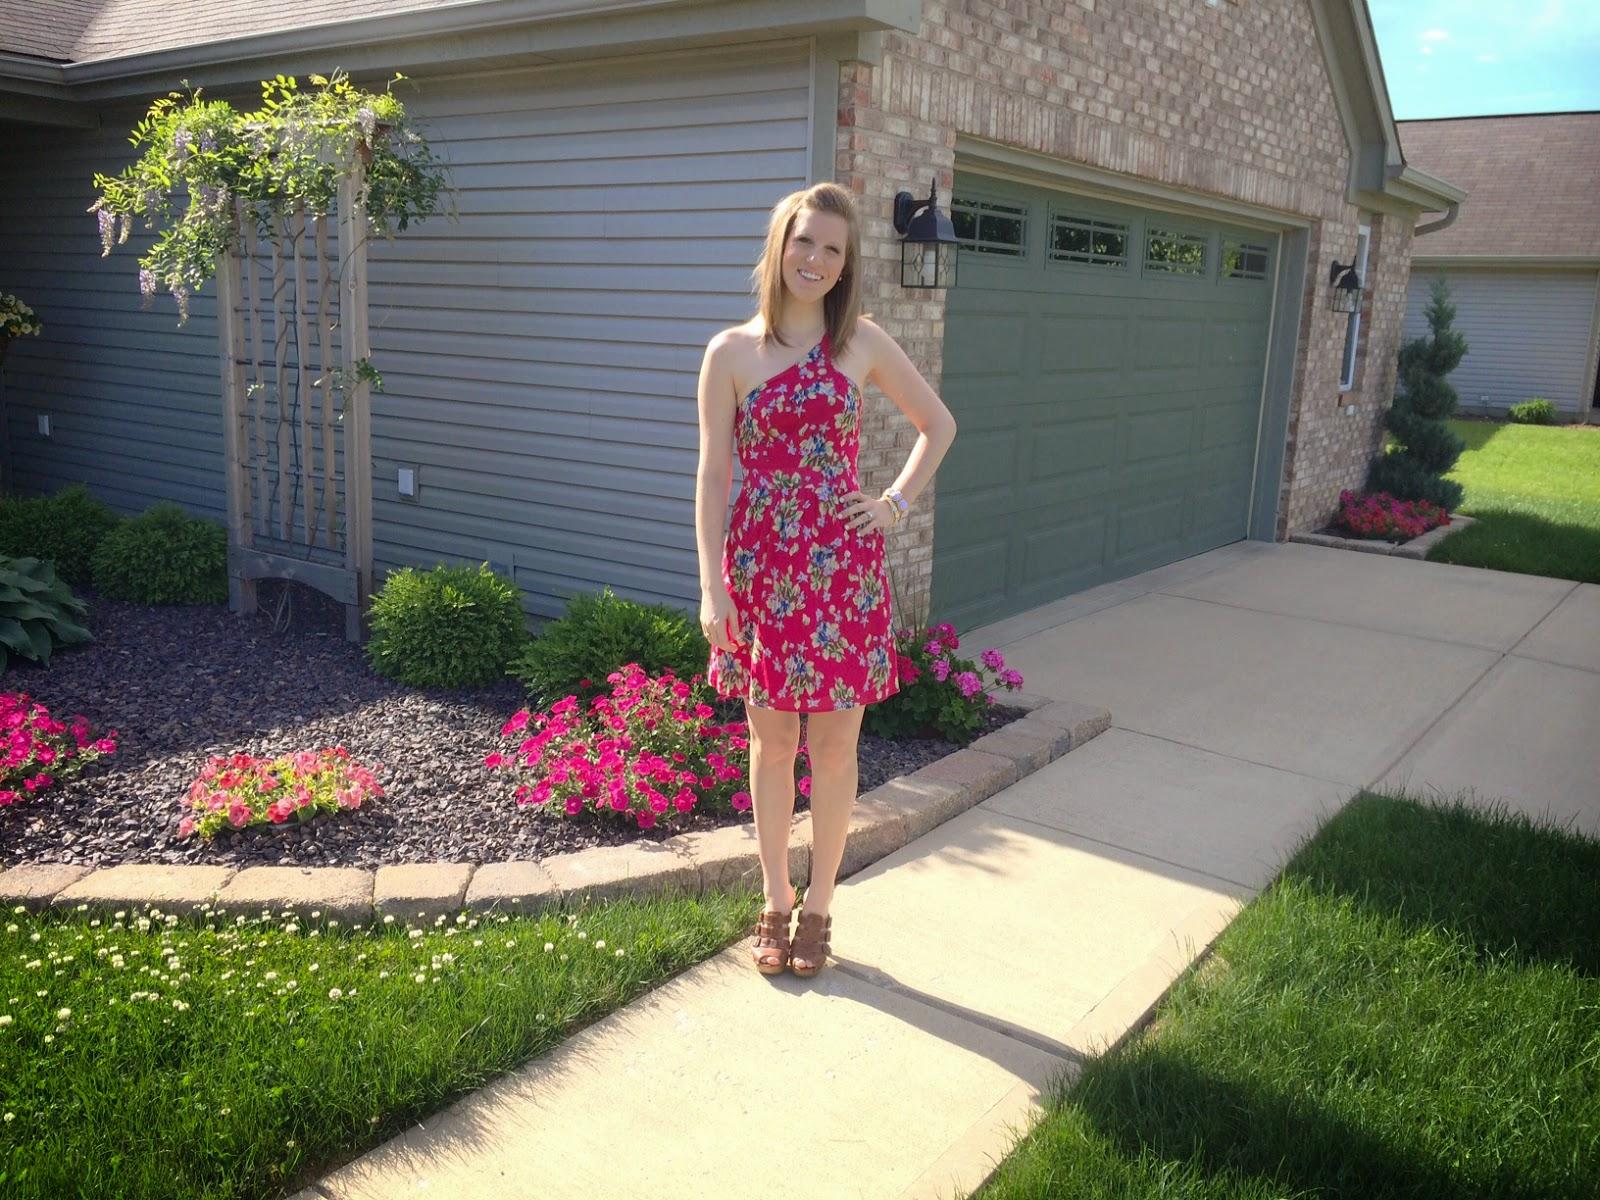 Pink Floral One Shoulder Dress OOTD